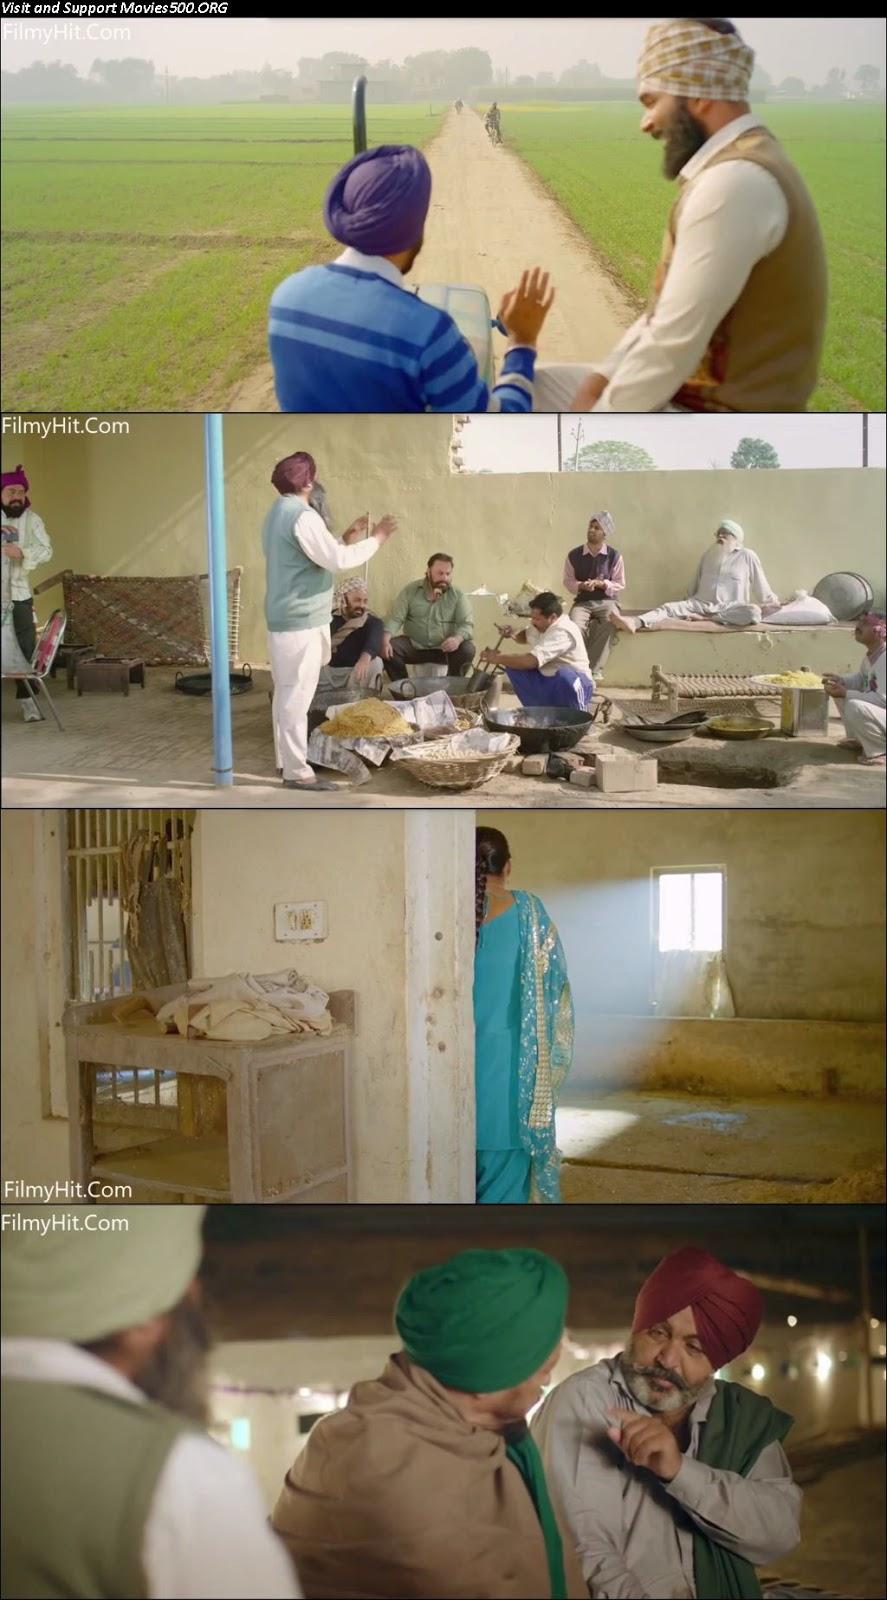 Manje Bistre 2017 Punjabi Movie Download HD DVD Rip 720P at softwaresonly.com